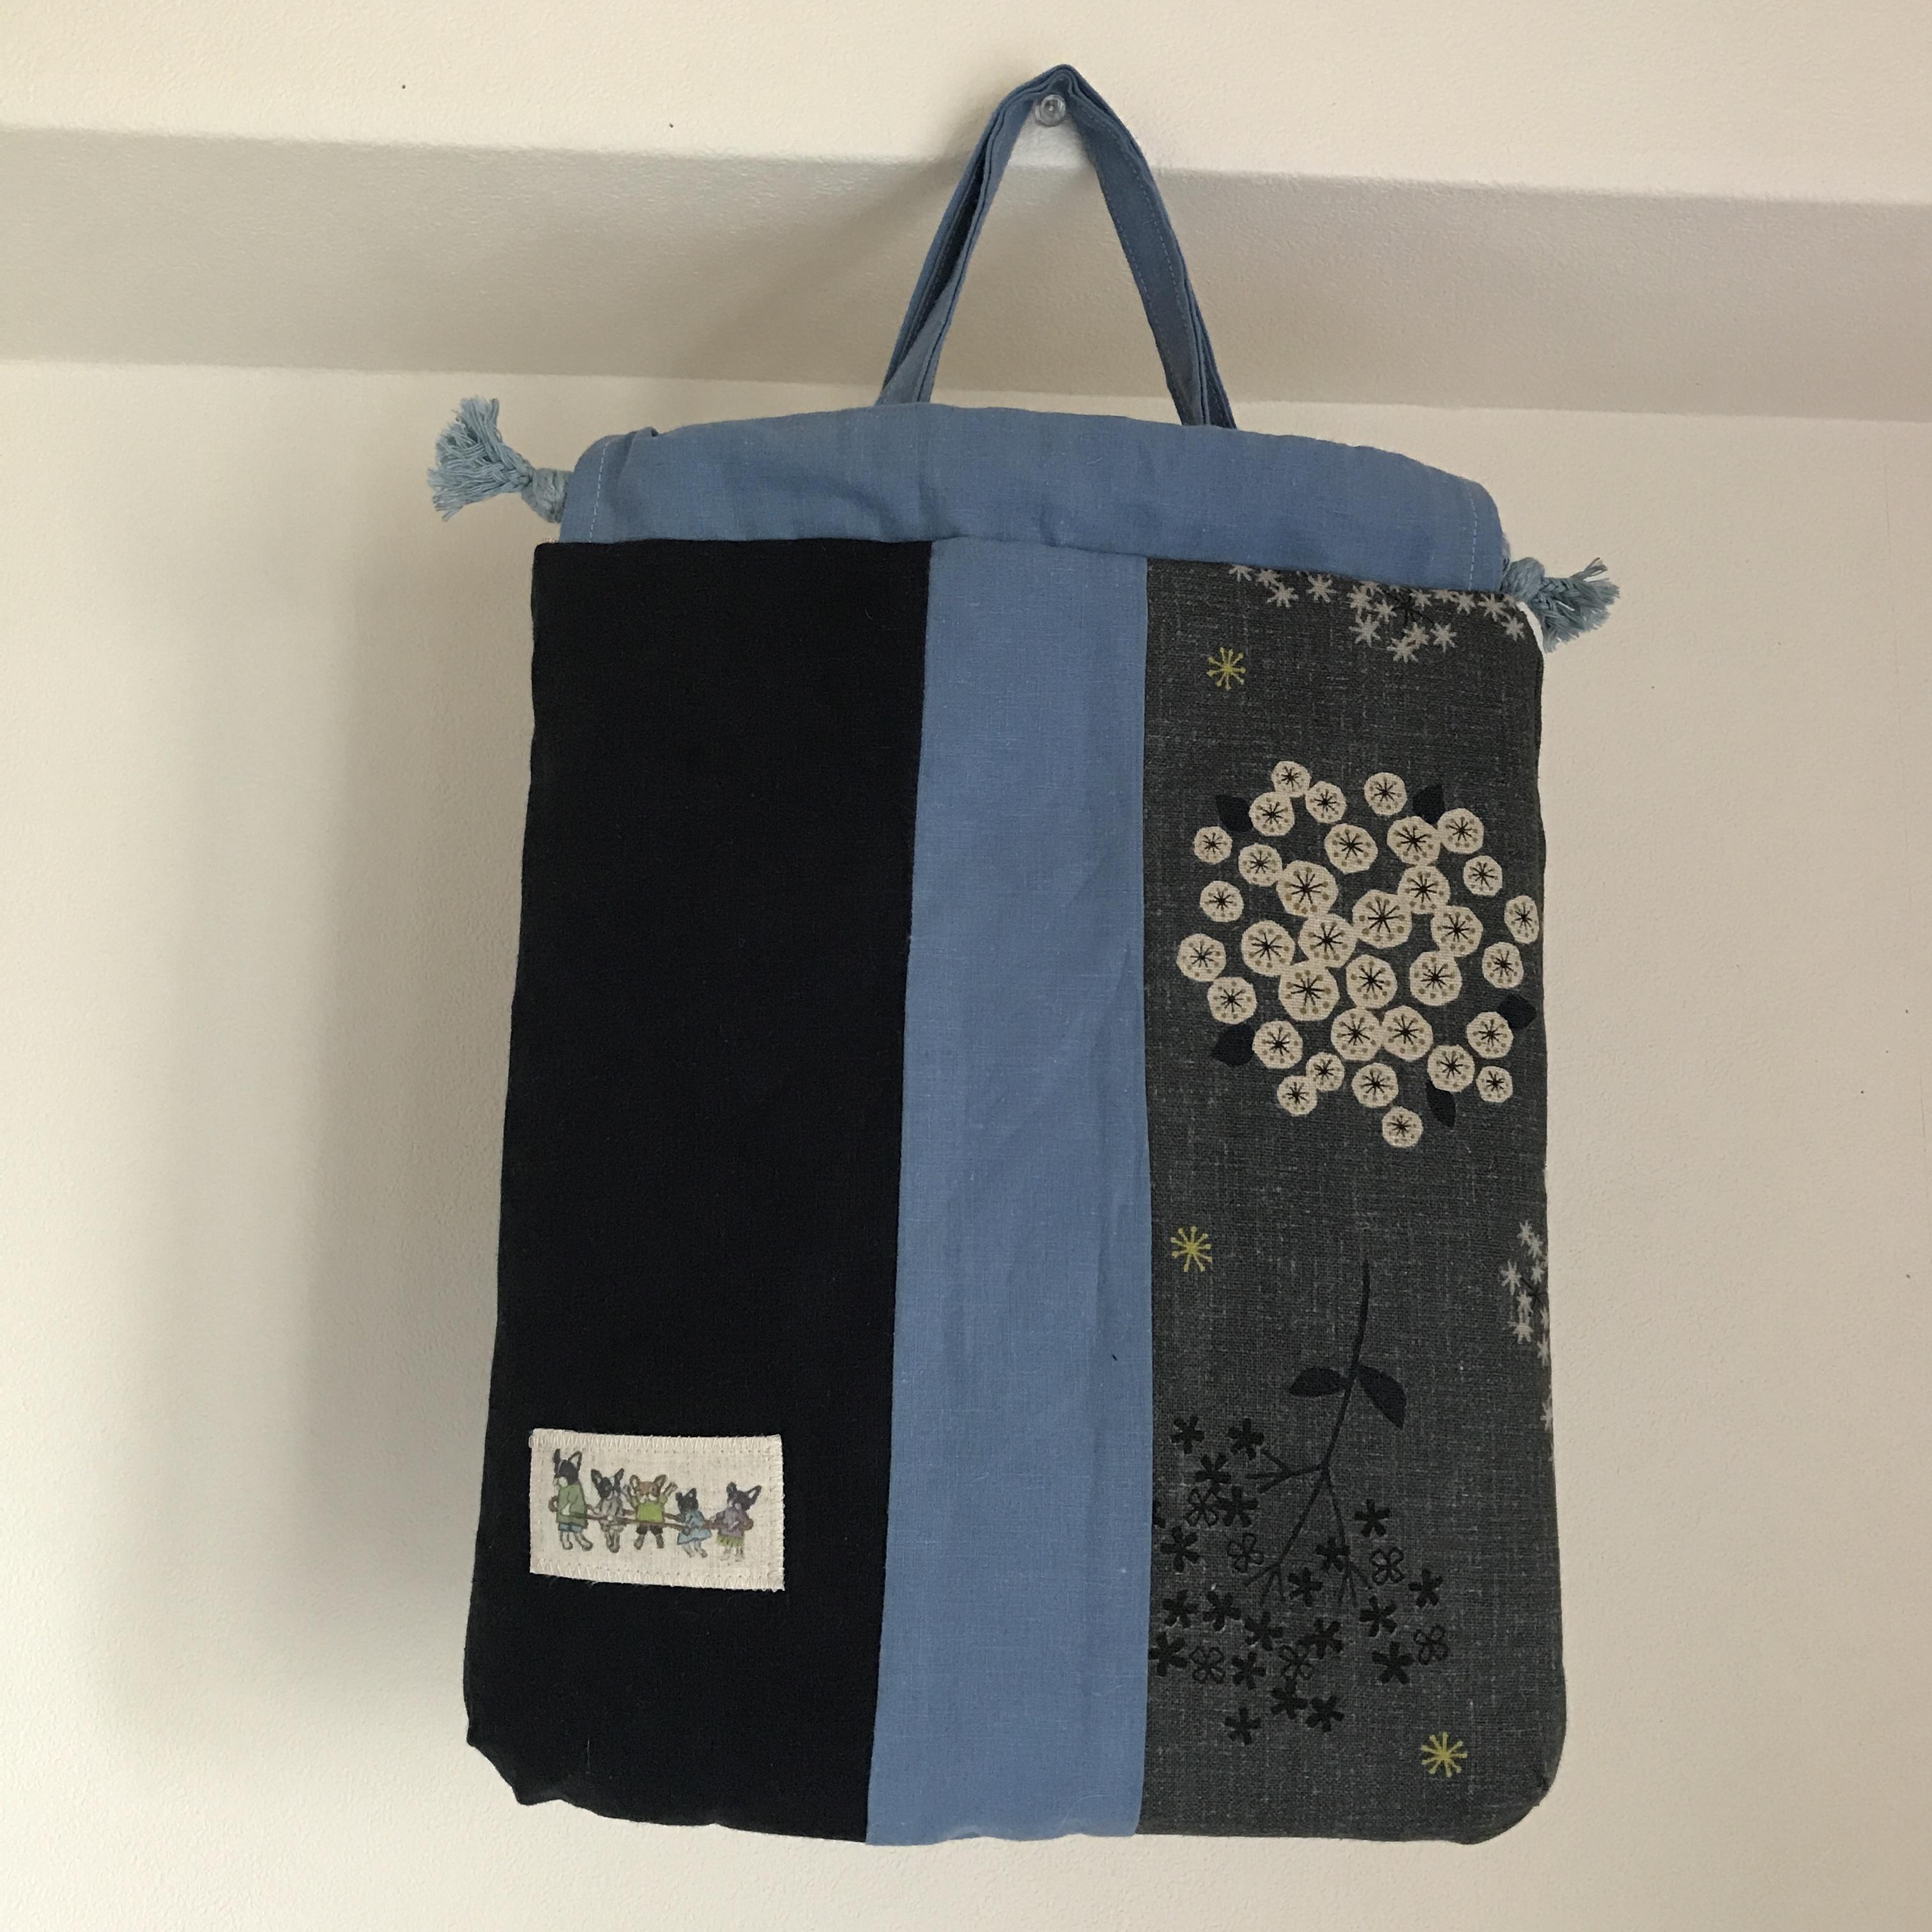 ハーフリネンの巾着風トート(電車ごっこ)紺色